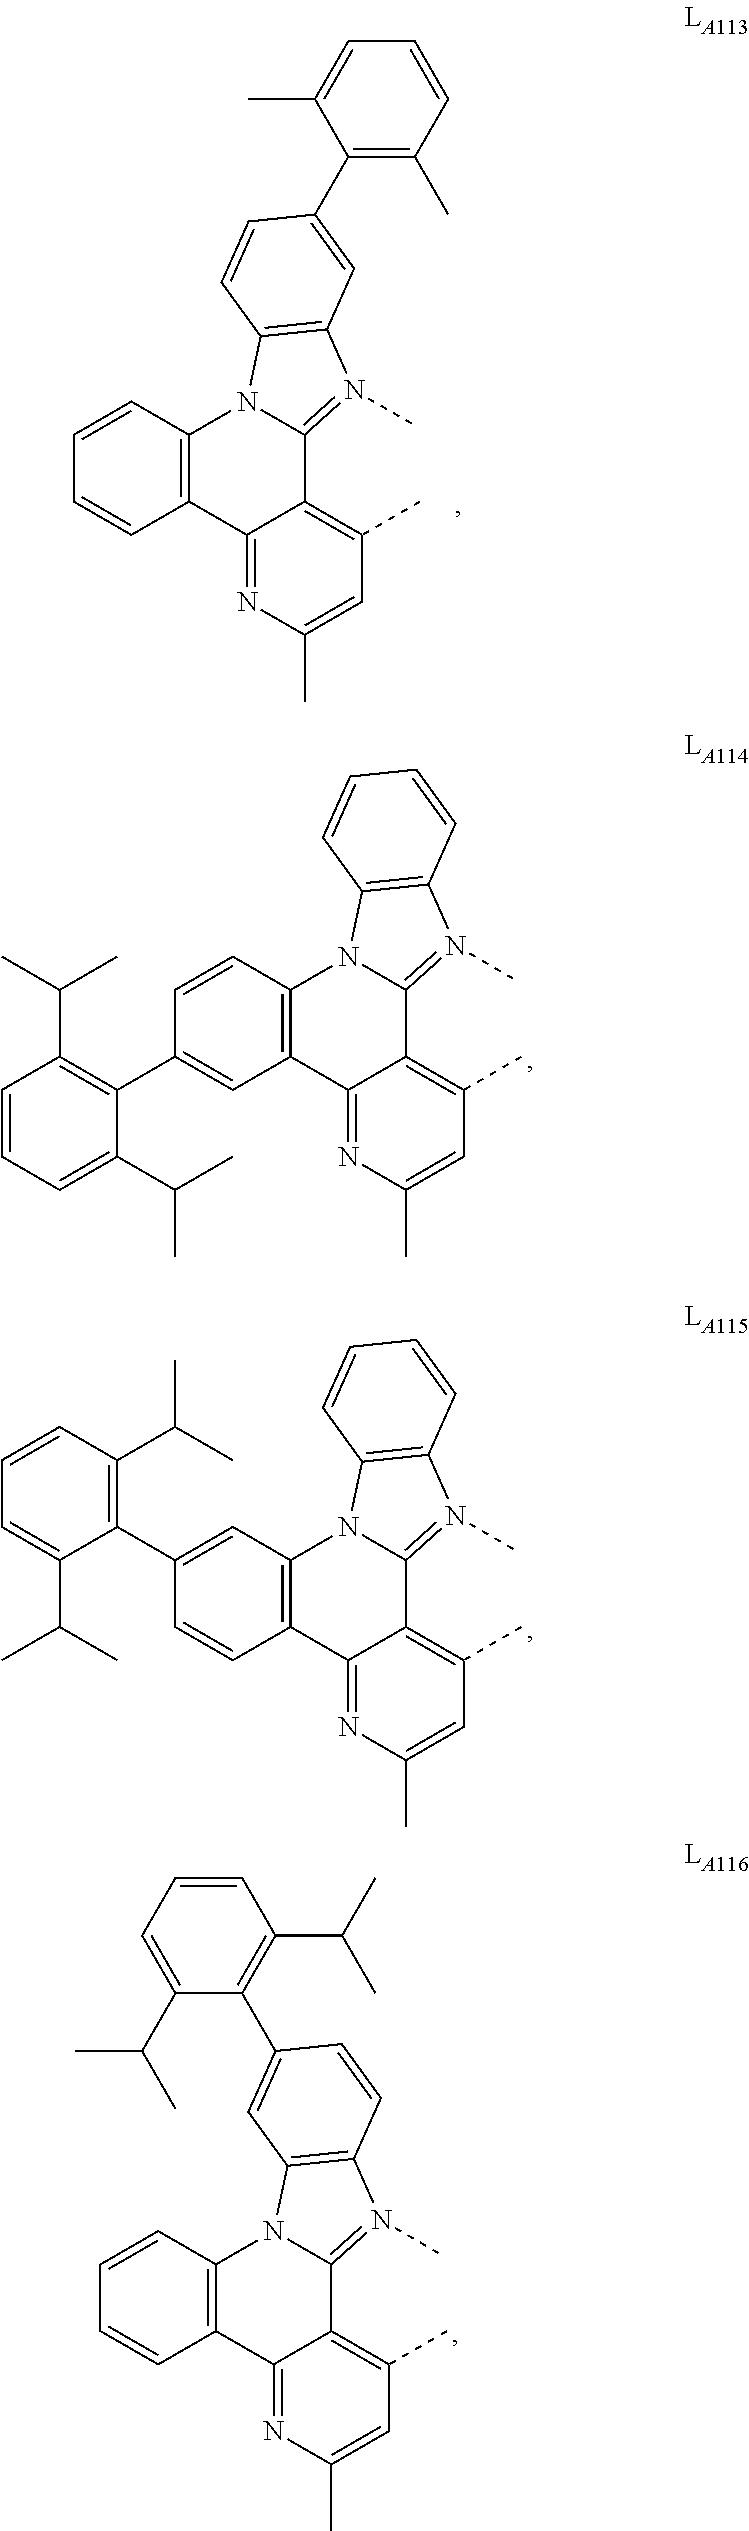 Figure US09905785-20180227-C00449